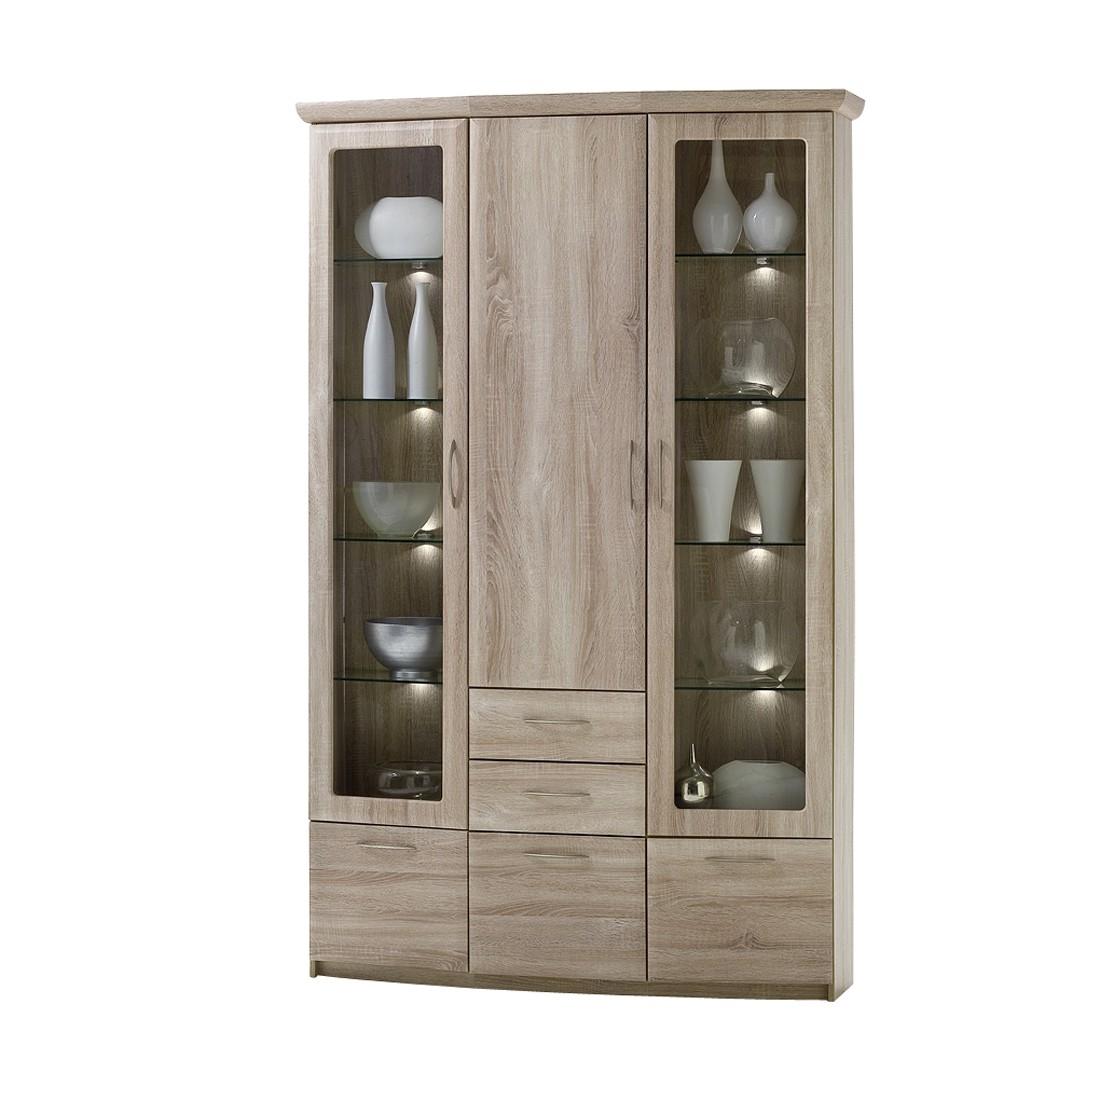 vitrine brixen sonoma eiche ohne beleuchtung und spiegelr ckwand modoform g nstig. Black Bedroom Furniture Sets. Home Design Ideas